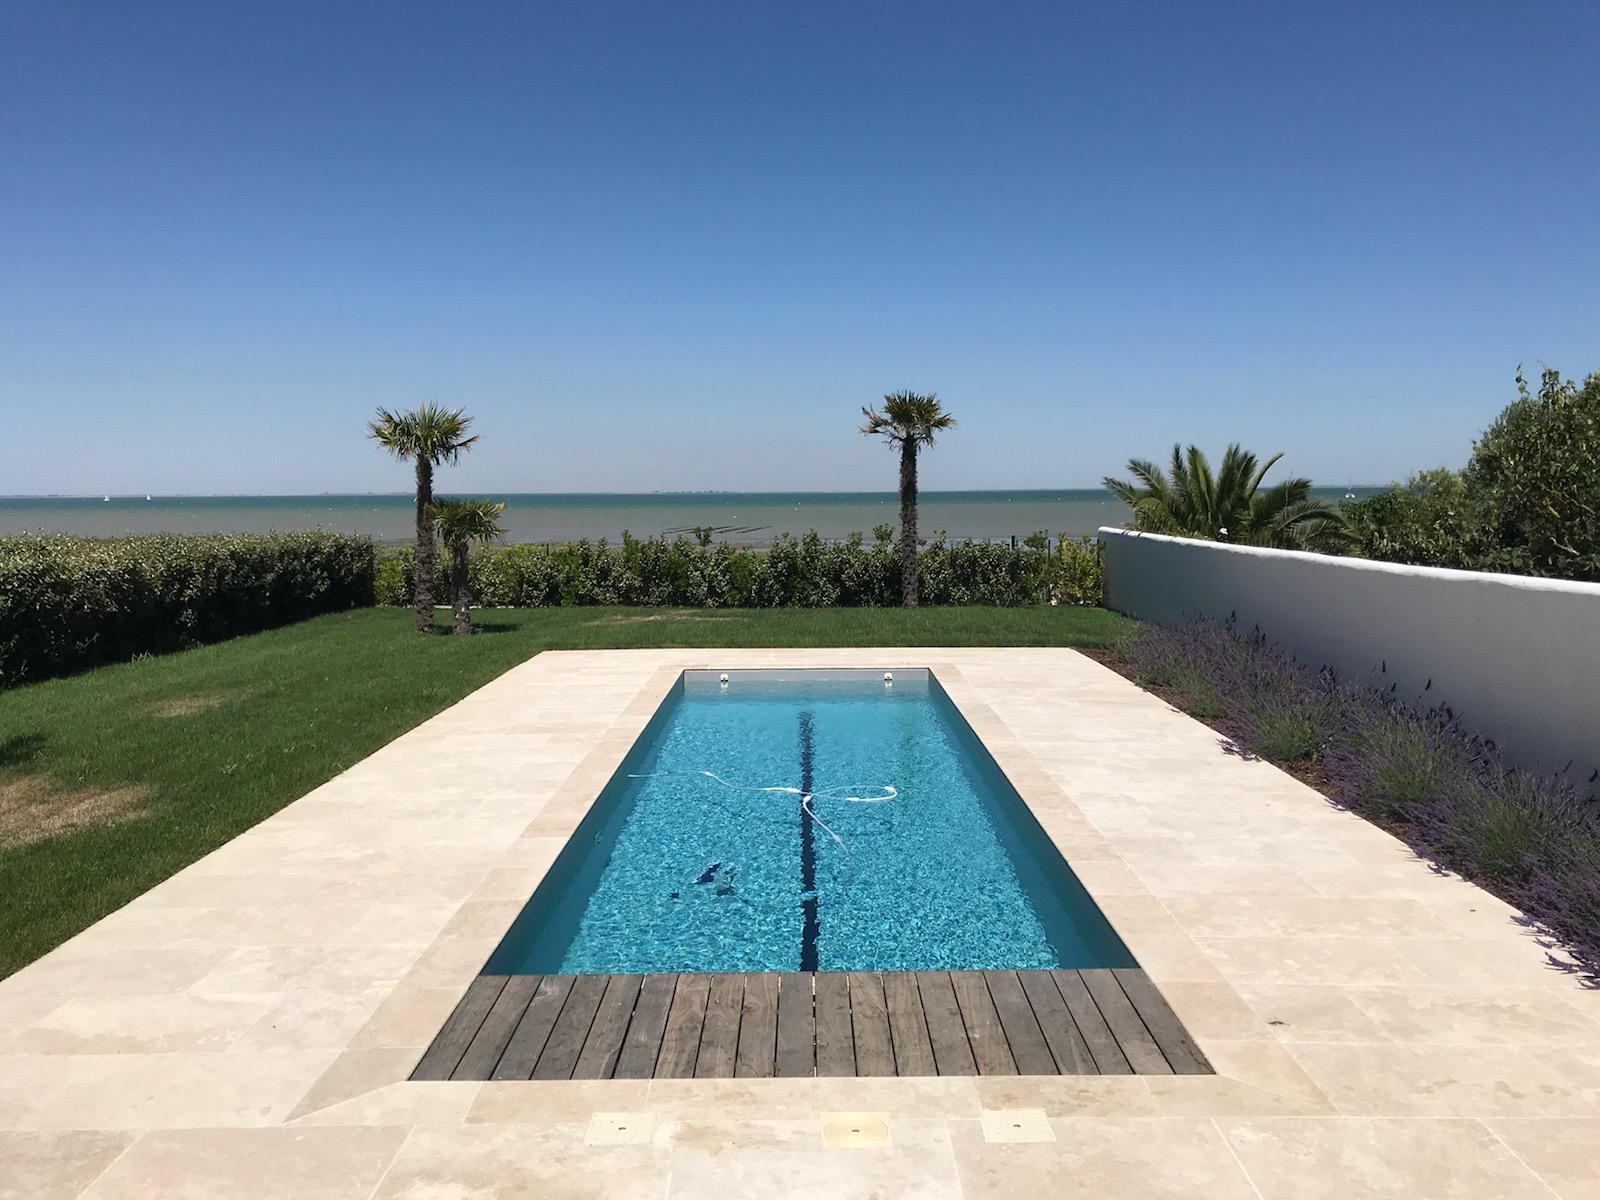 piscine oceazur ouest